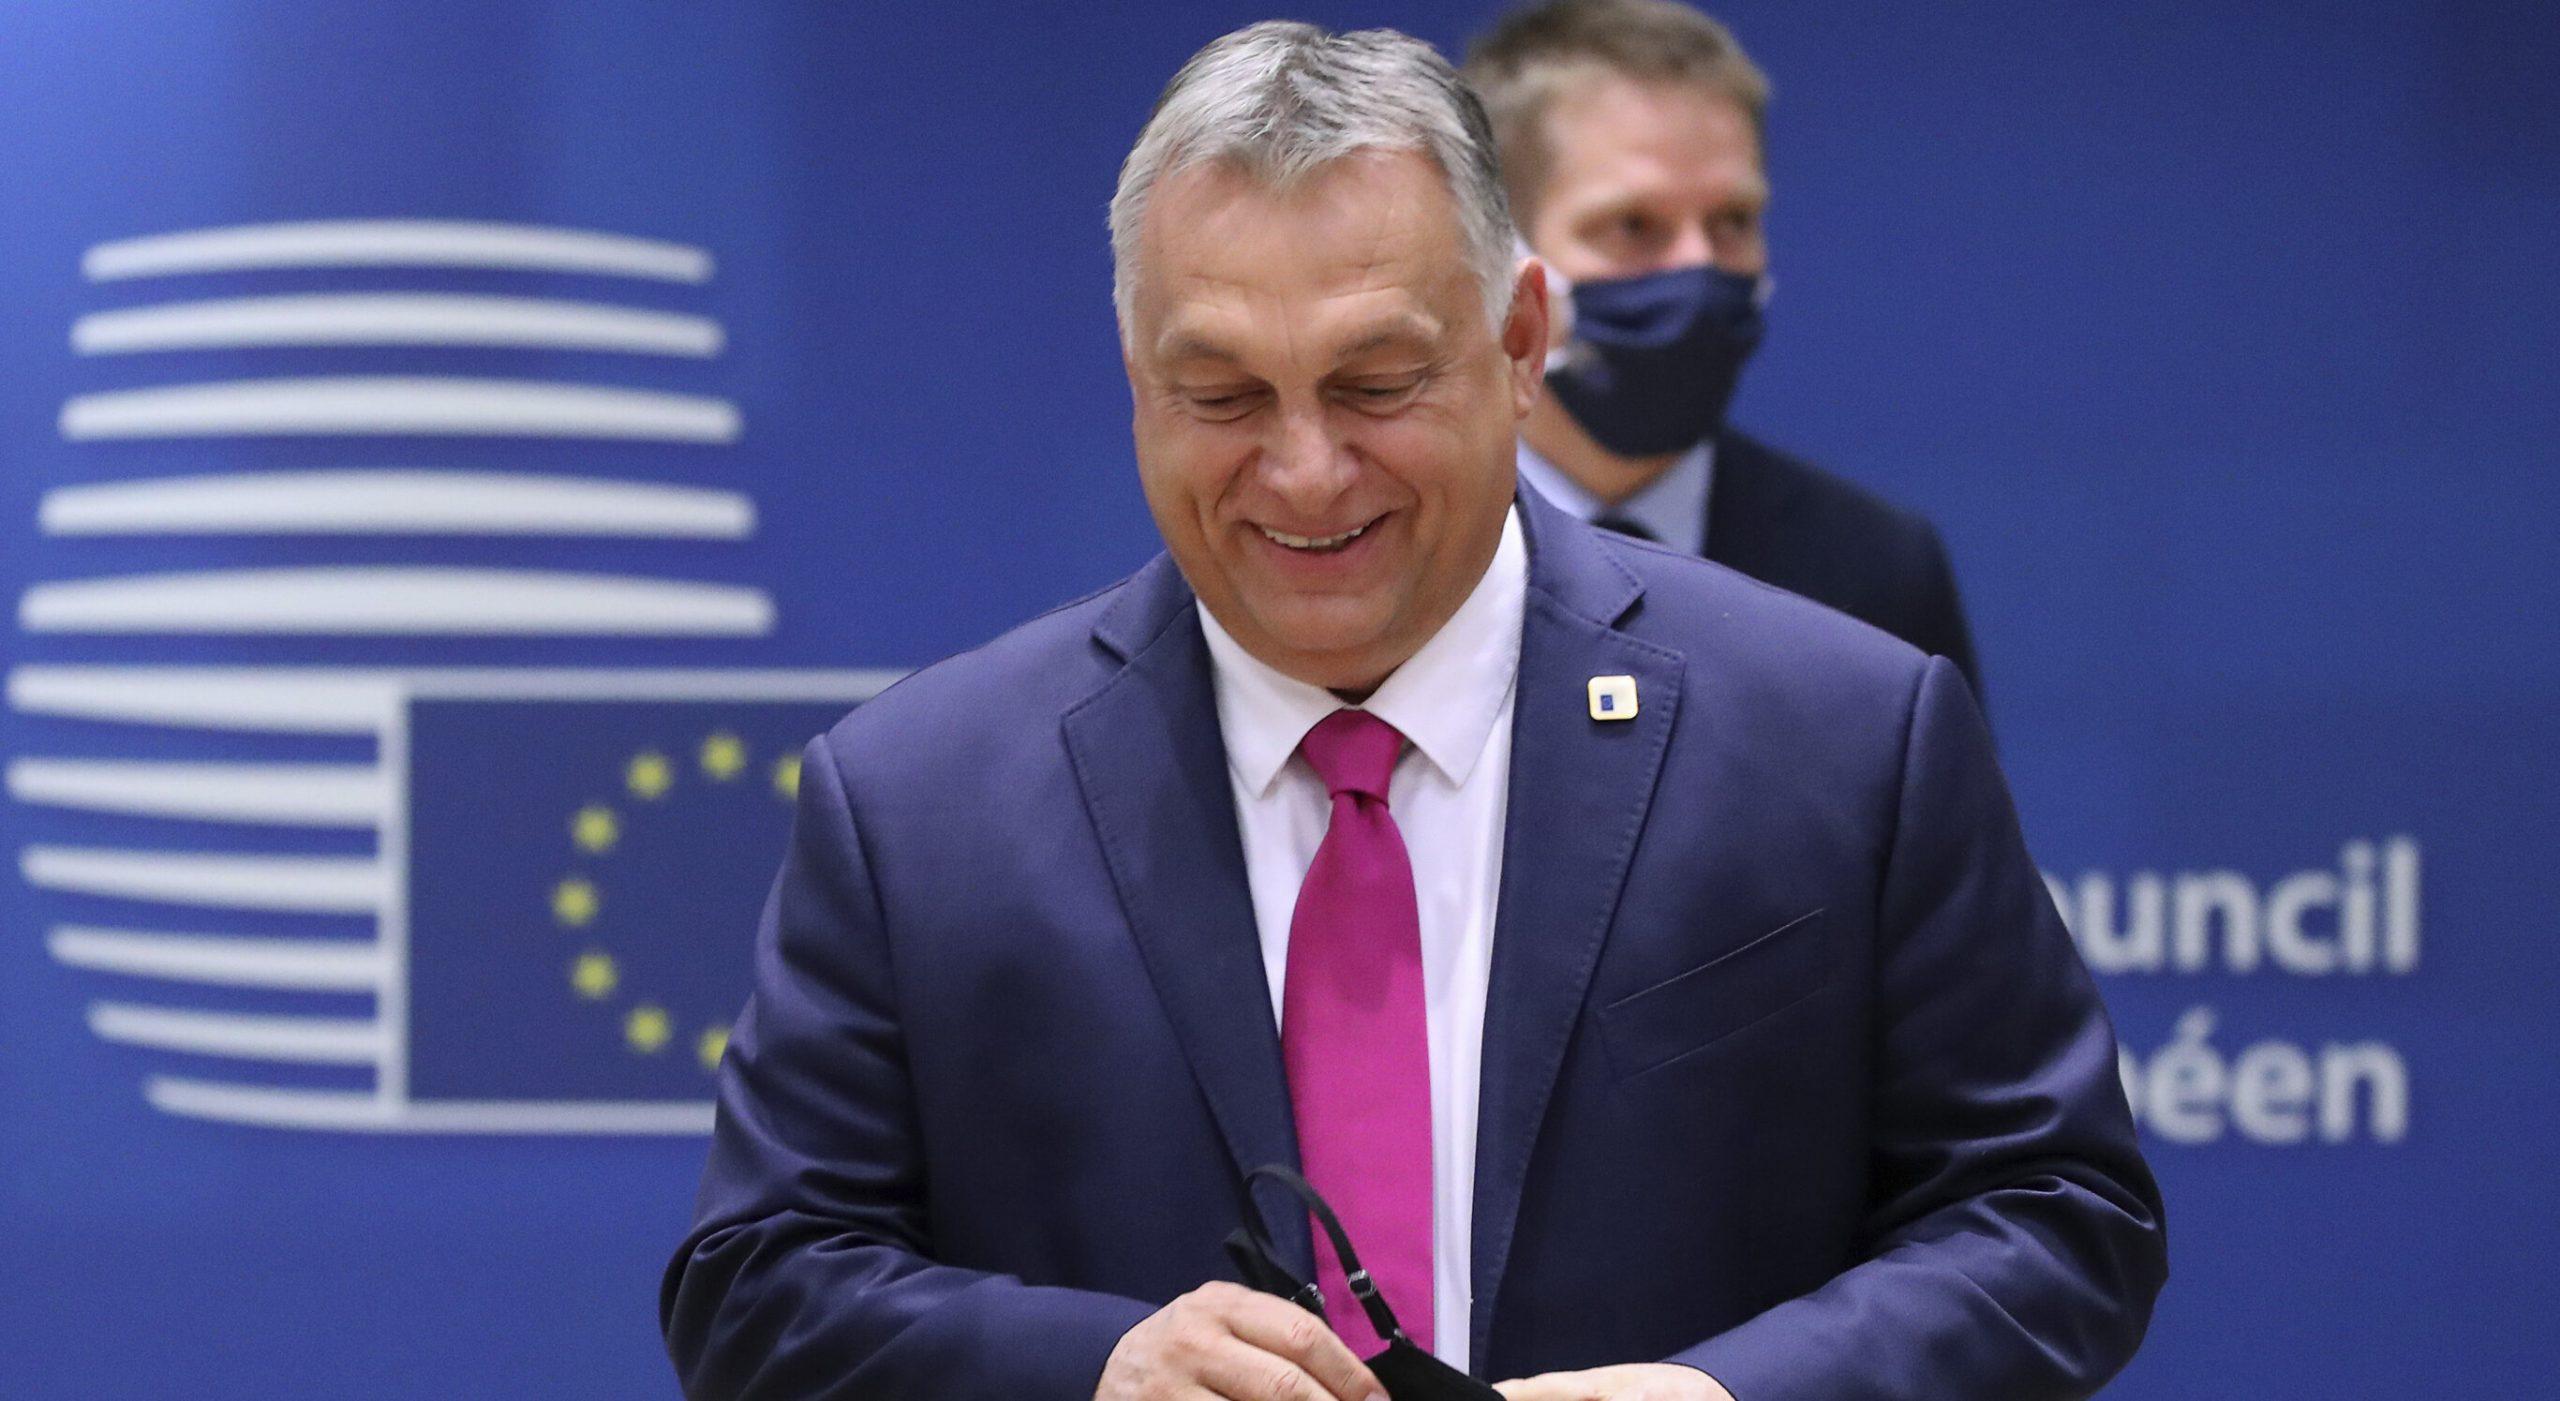 Ungaria, prima țară europeană care aprobă vaccinul chinezesc